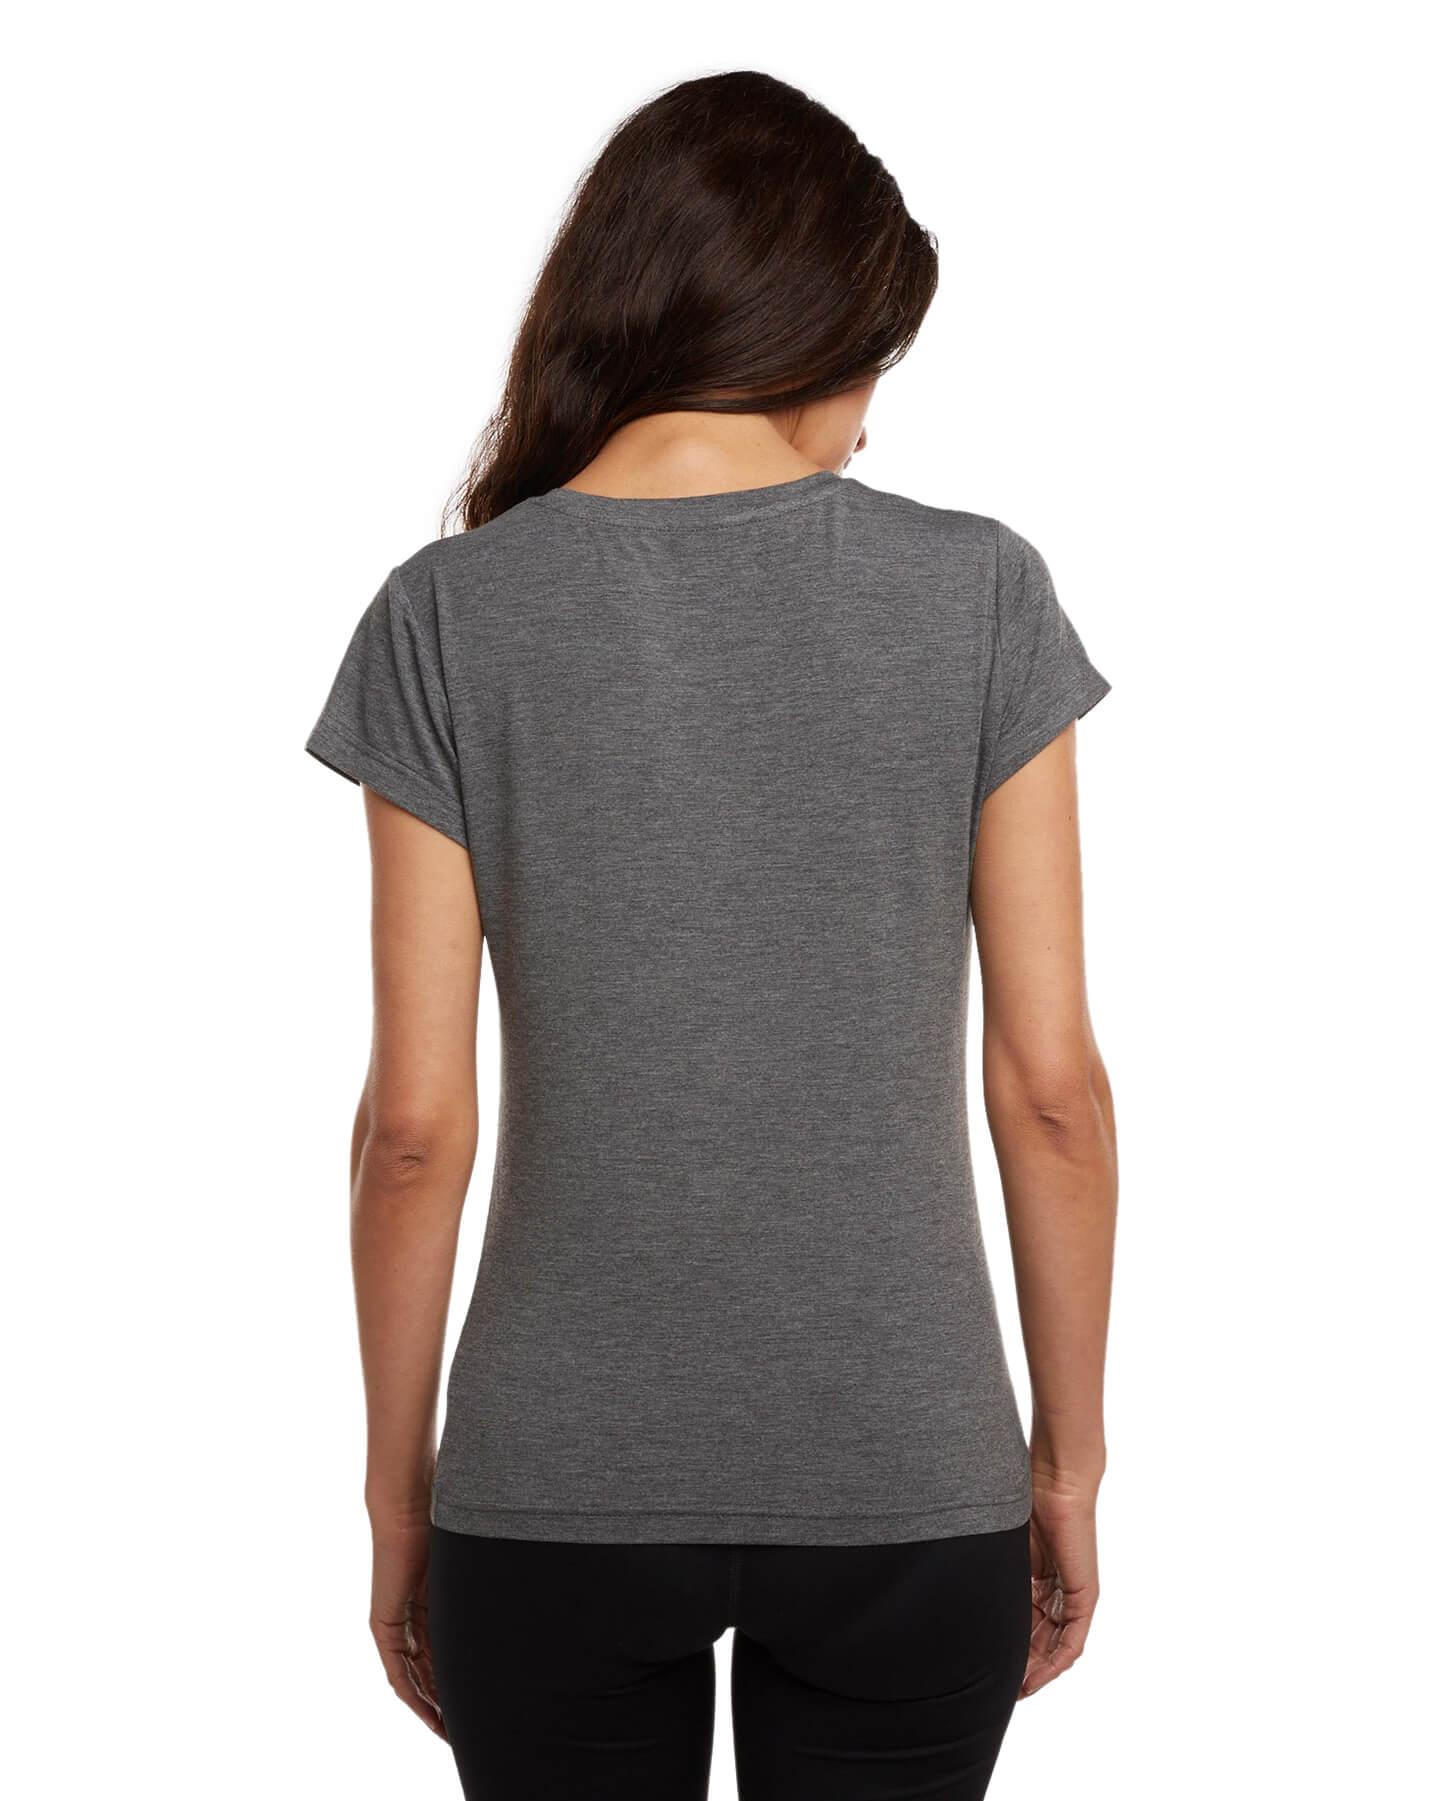 back of women's undershirt grey v neck